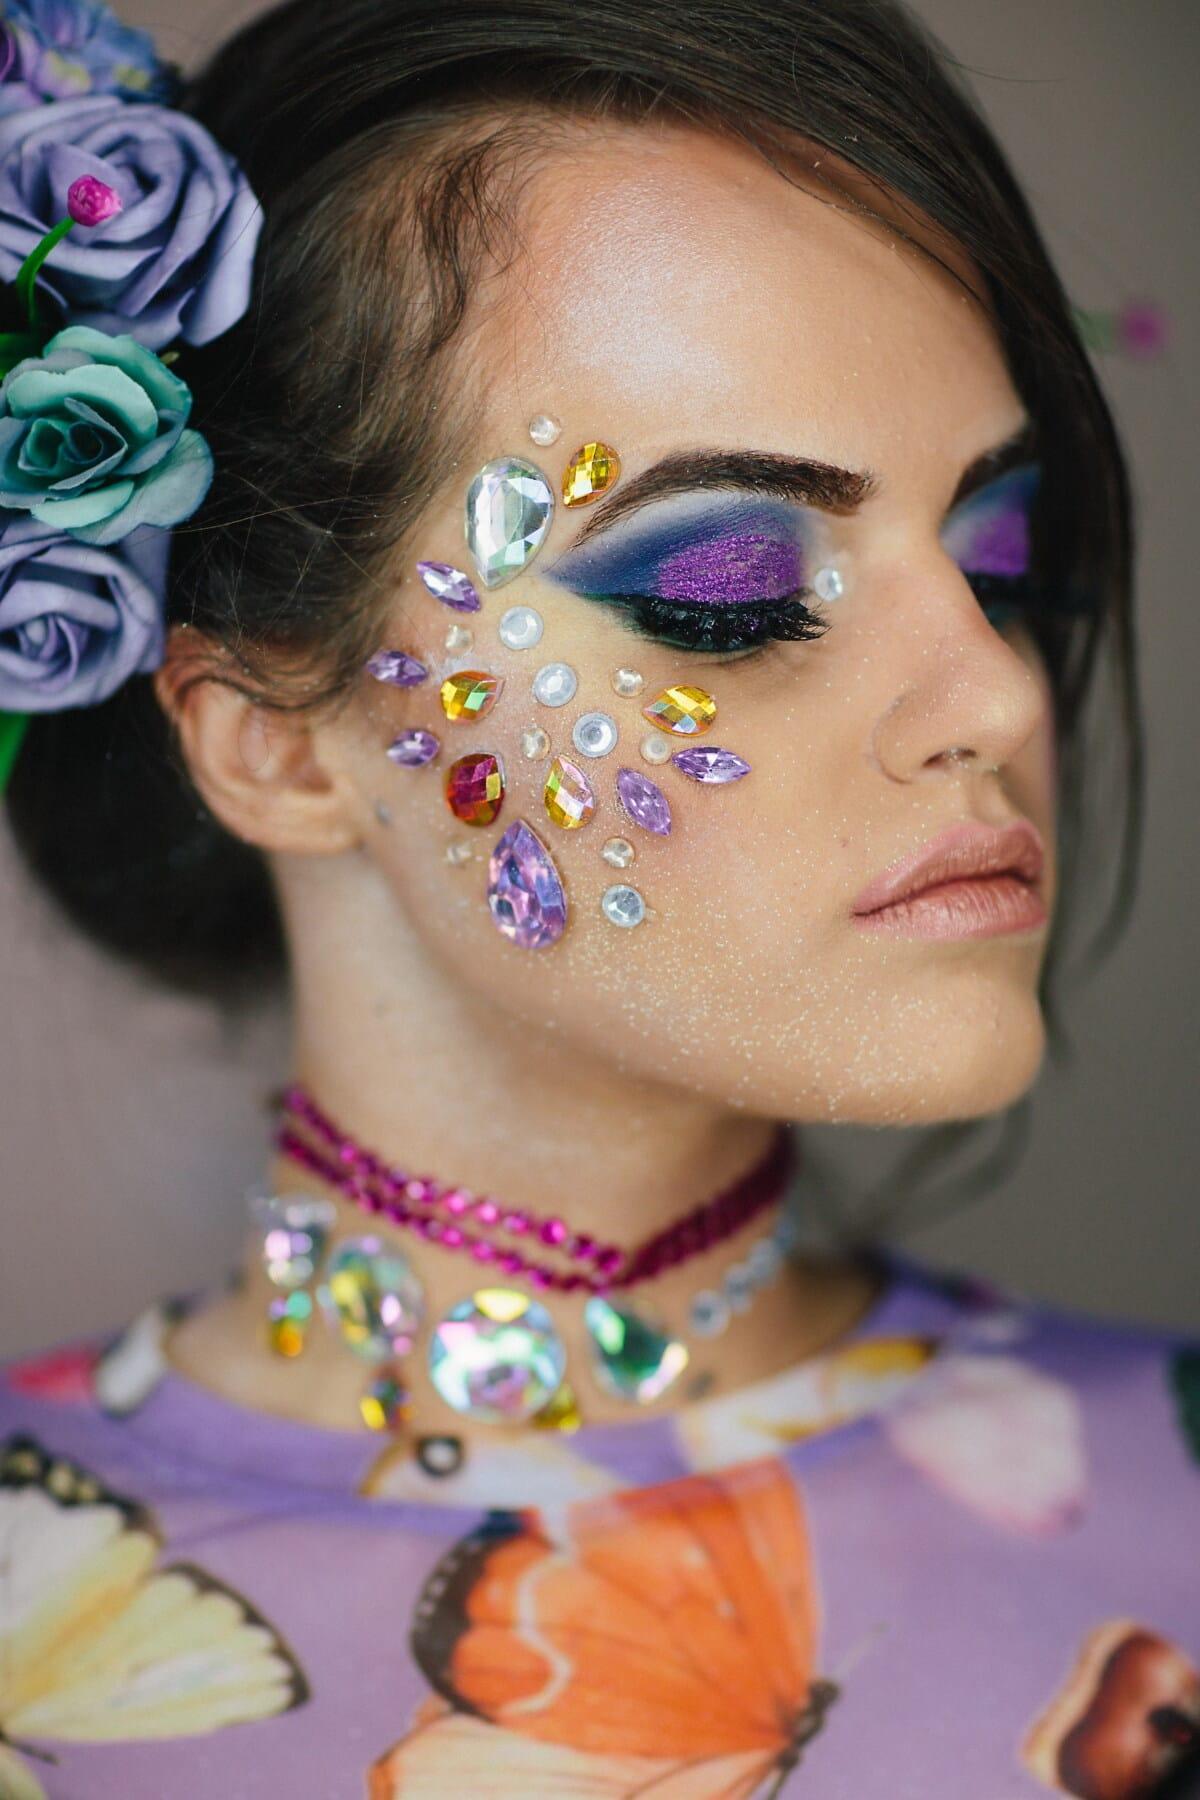 maquillage, cils, œil, lèvres, rouge à lèvres, bijou, peau, Jolie fille, adolescent, fantaisie